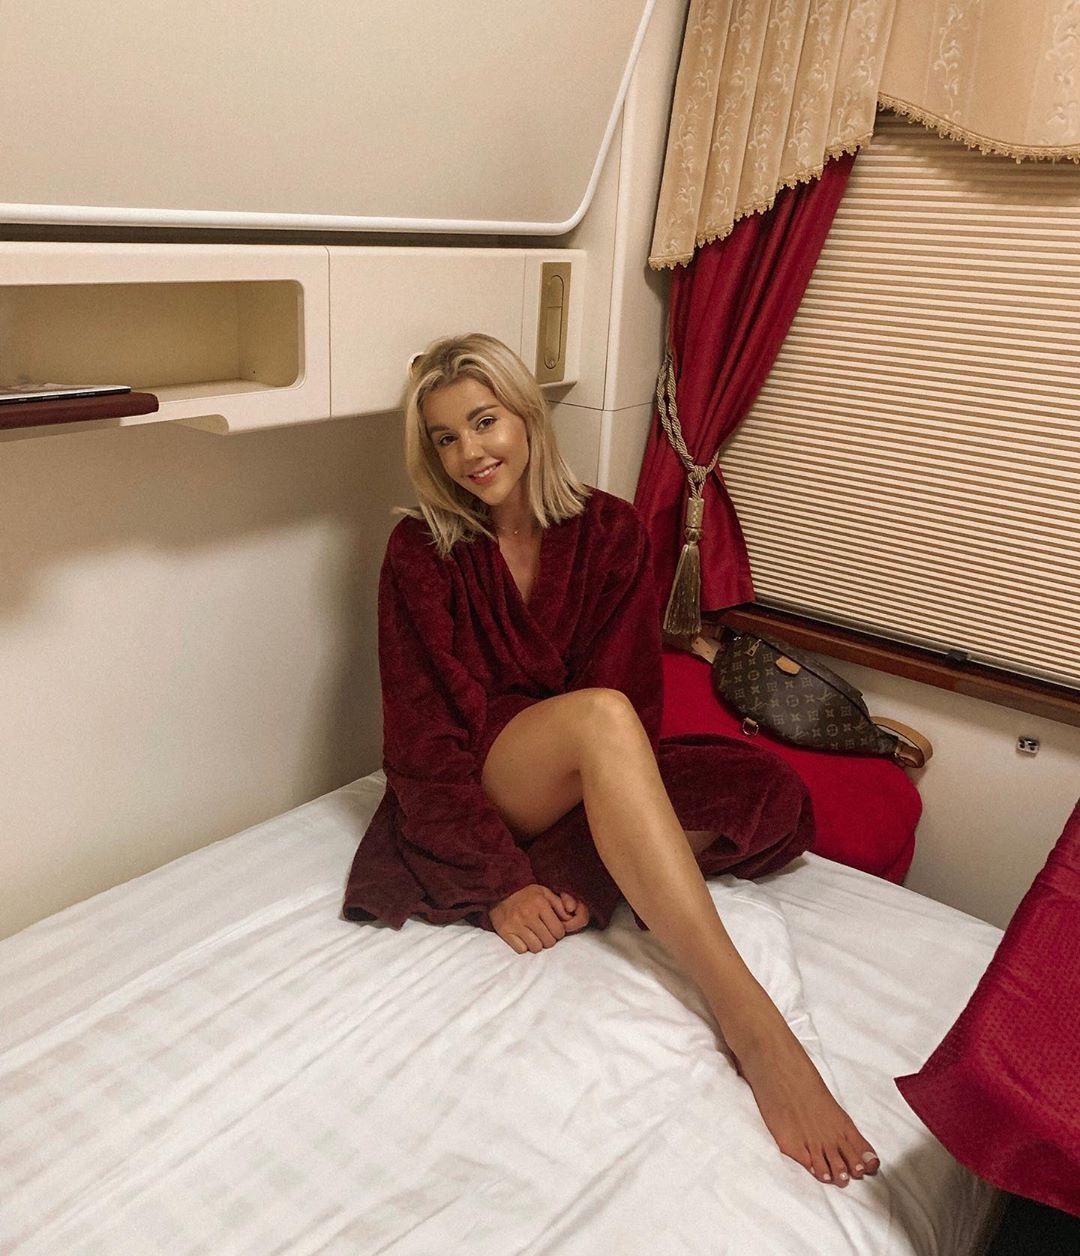 Короткий халатик, длинные ноги и спальный вагон класса люкс: как путешествует по стране Юлианна Караулова